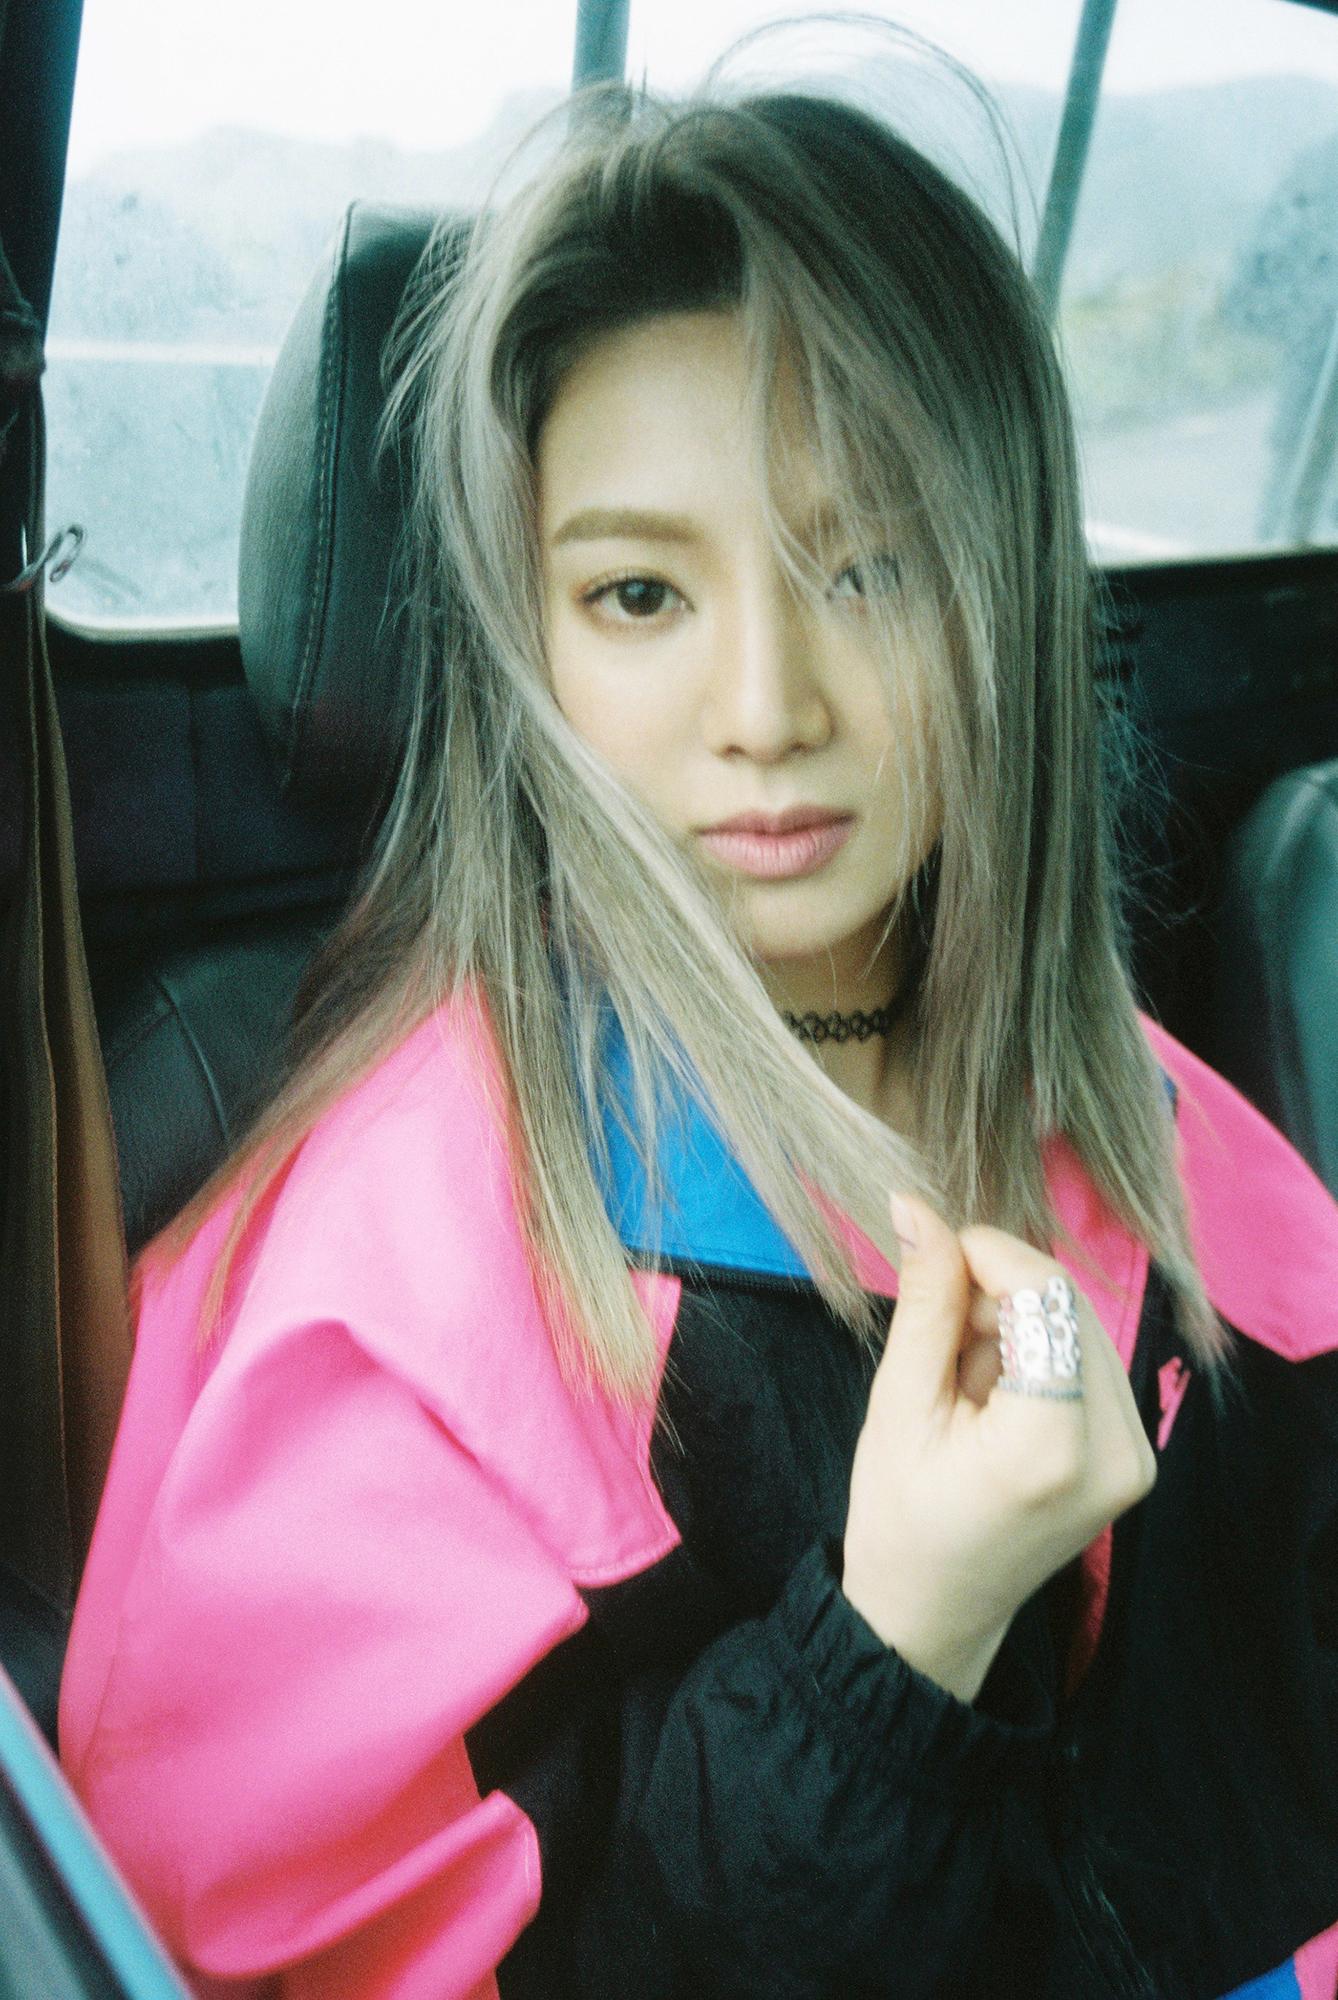 孝渊全新变身获成功!DJ HYO首支数码单曲登1位